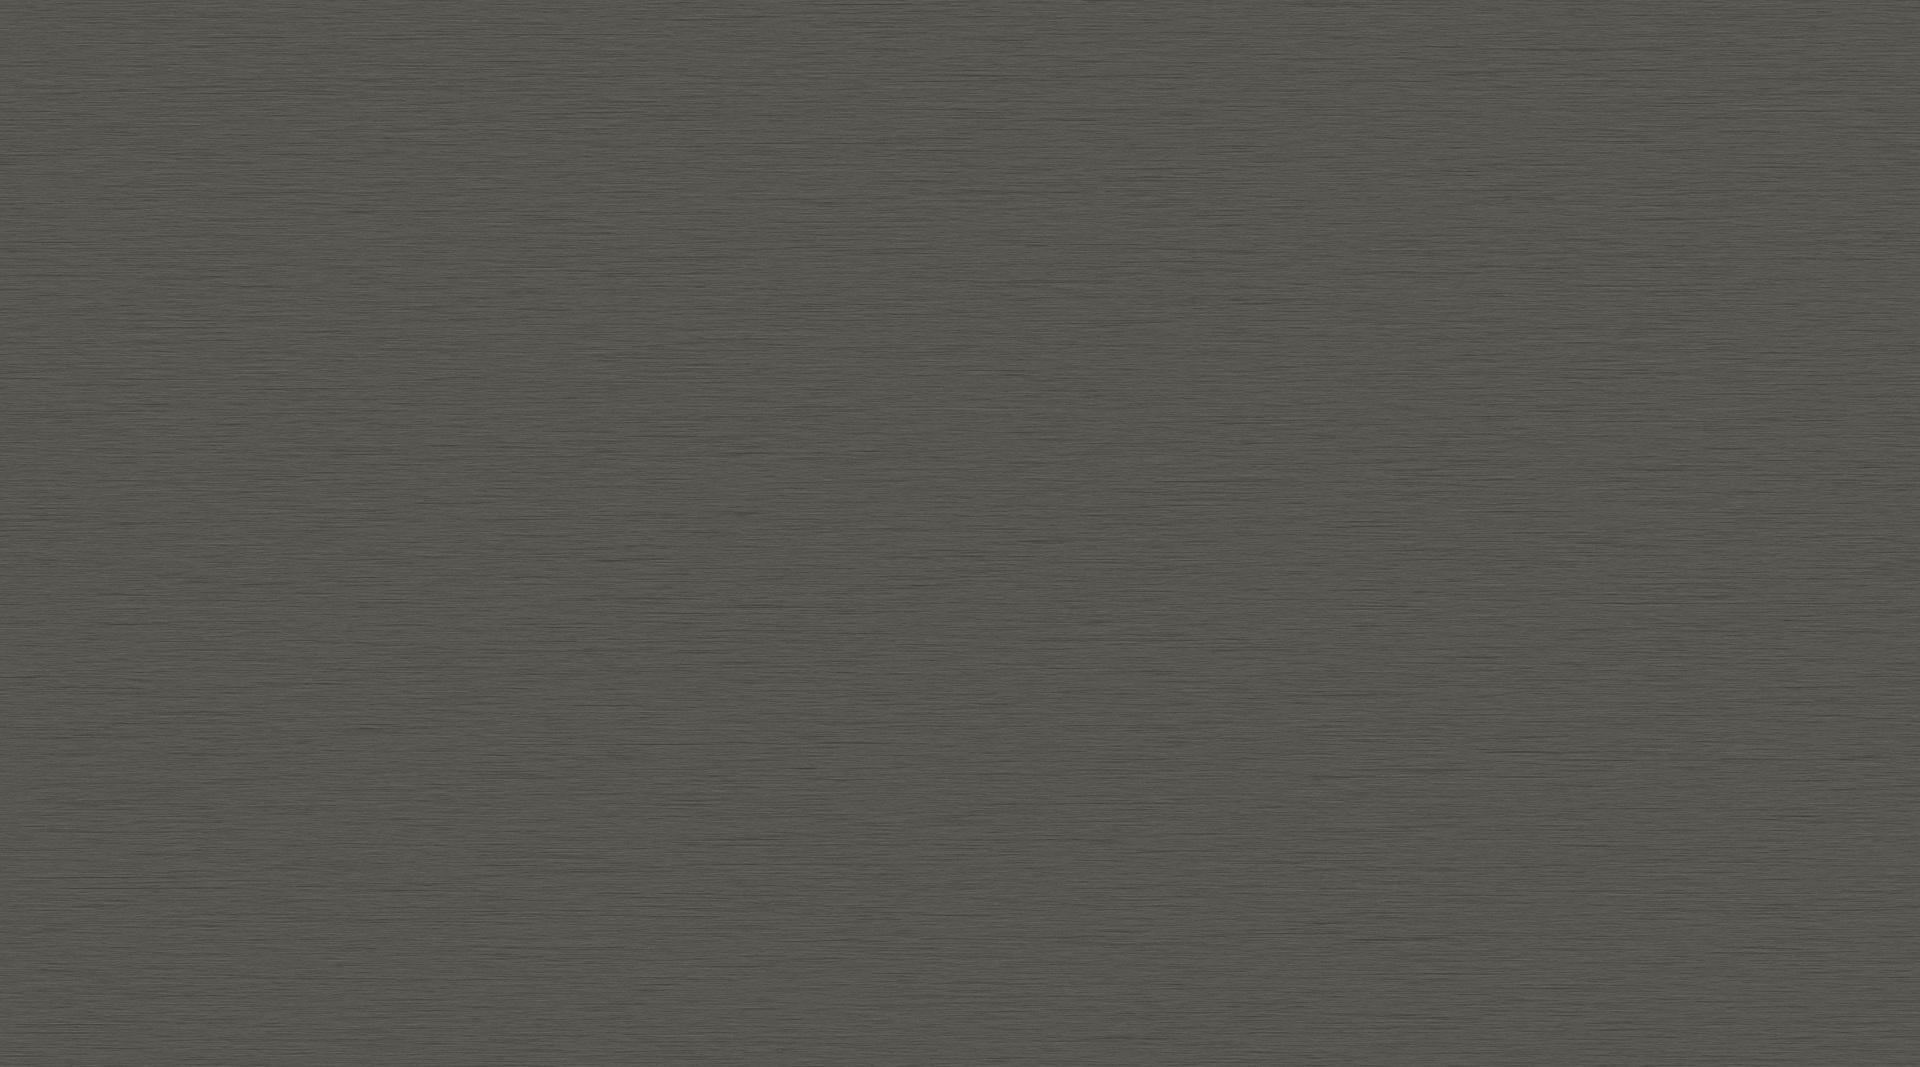 Full Size of Java Schiefer Arbeitsplatte Nolte Arbeitsplatten Dekor Glas Kchenexperte Hannover Küche Sideboard Mit Wohnzimmer Java Schiefer Arbeitsplatte